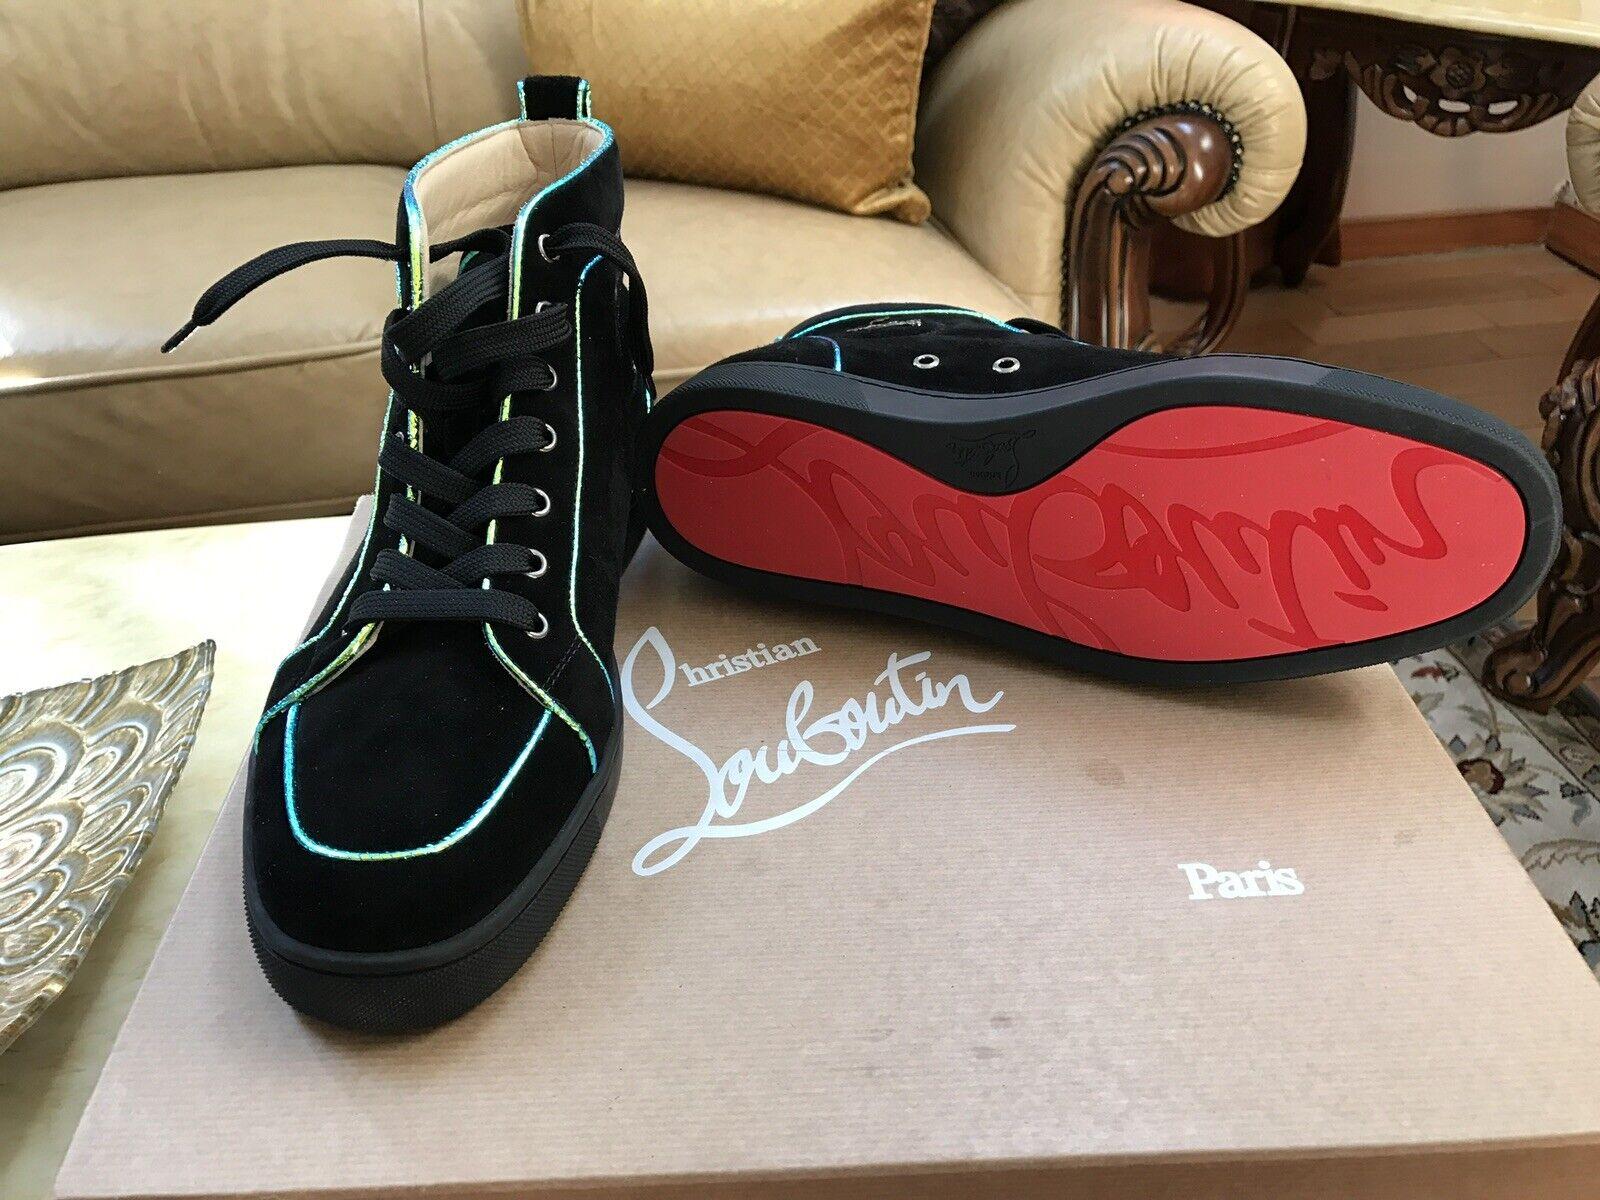 Christian Louboutin Men's scarpe da ginnastica Suede Dimensione 9